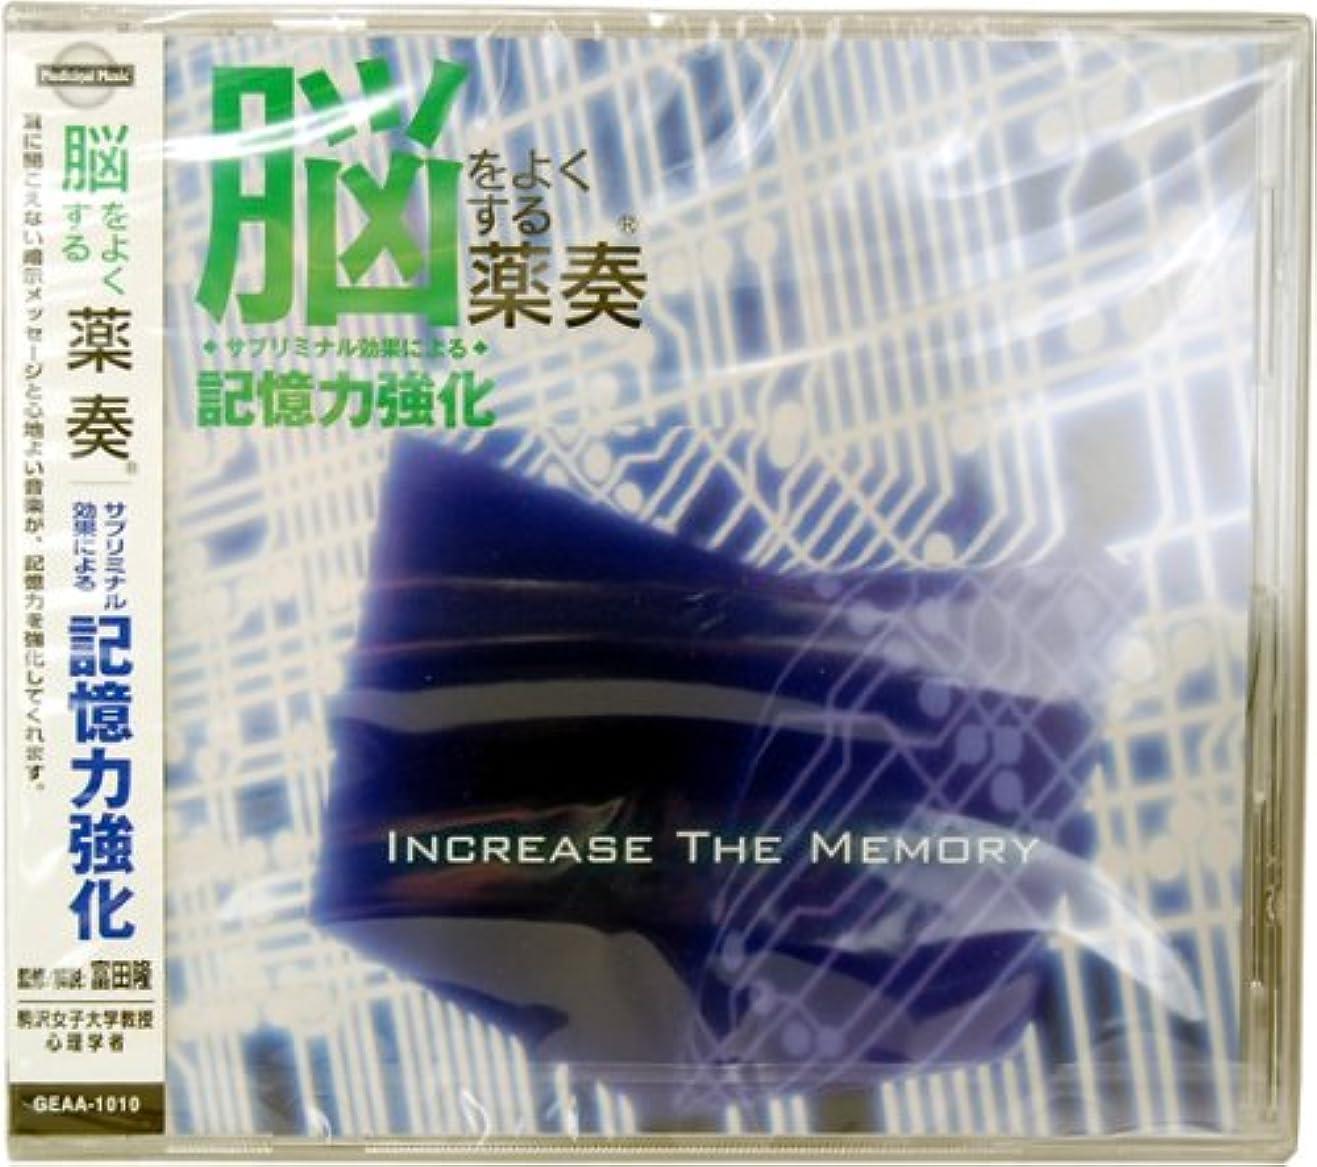 ロール多様体アミューズ薬奏CD 記憶力強化